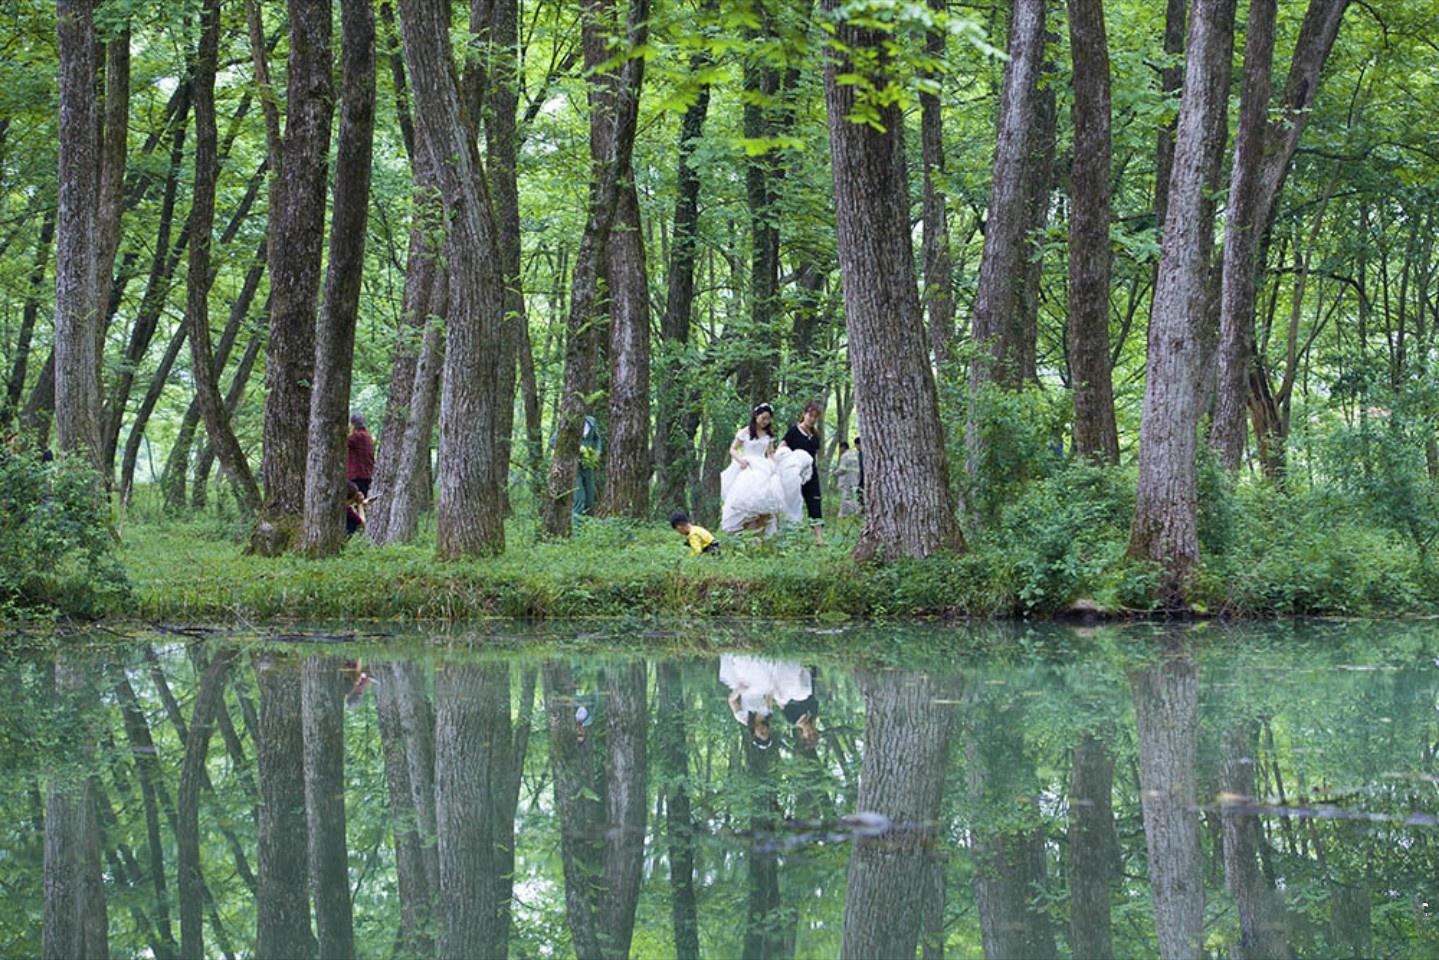 西溪南村   西溪南村,据说因其坐落在溪的南岸,而得此富有诗意的名字。溪水绕村静静的流淌,听着淘菜洗衣的村民谈天说笑,岸边树林茂密,粗壮的大树上绿藤缠绕,牛儿在林里休息溪头饮水,石桥串着明月连着两岸的人家来来往往,仿若绿野仙踪的圣地。(来源:安徽旅游)   地址:黄山市徽州区西溪南镇